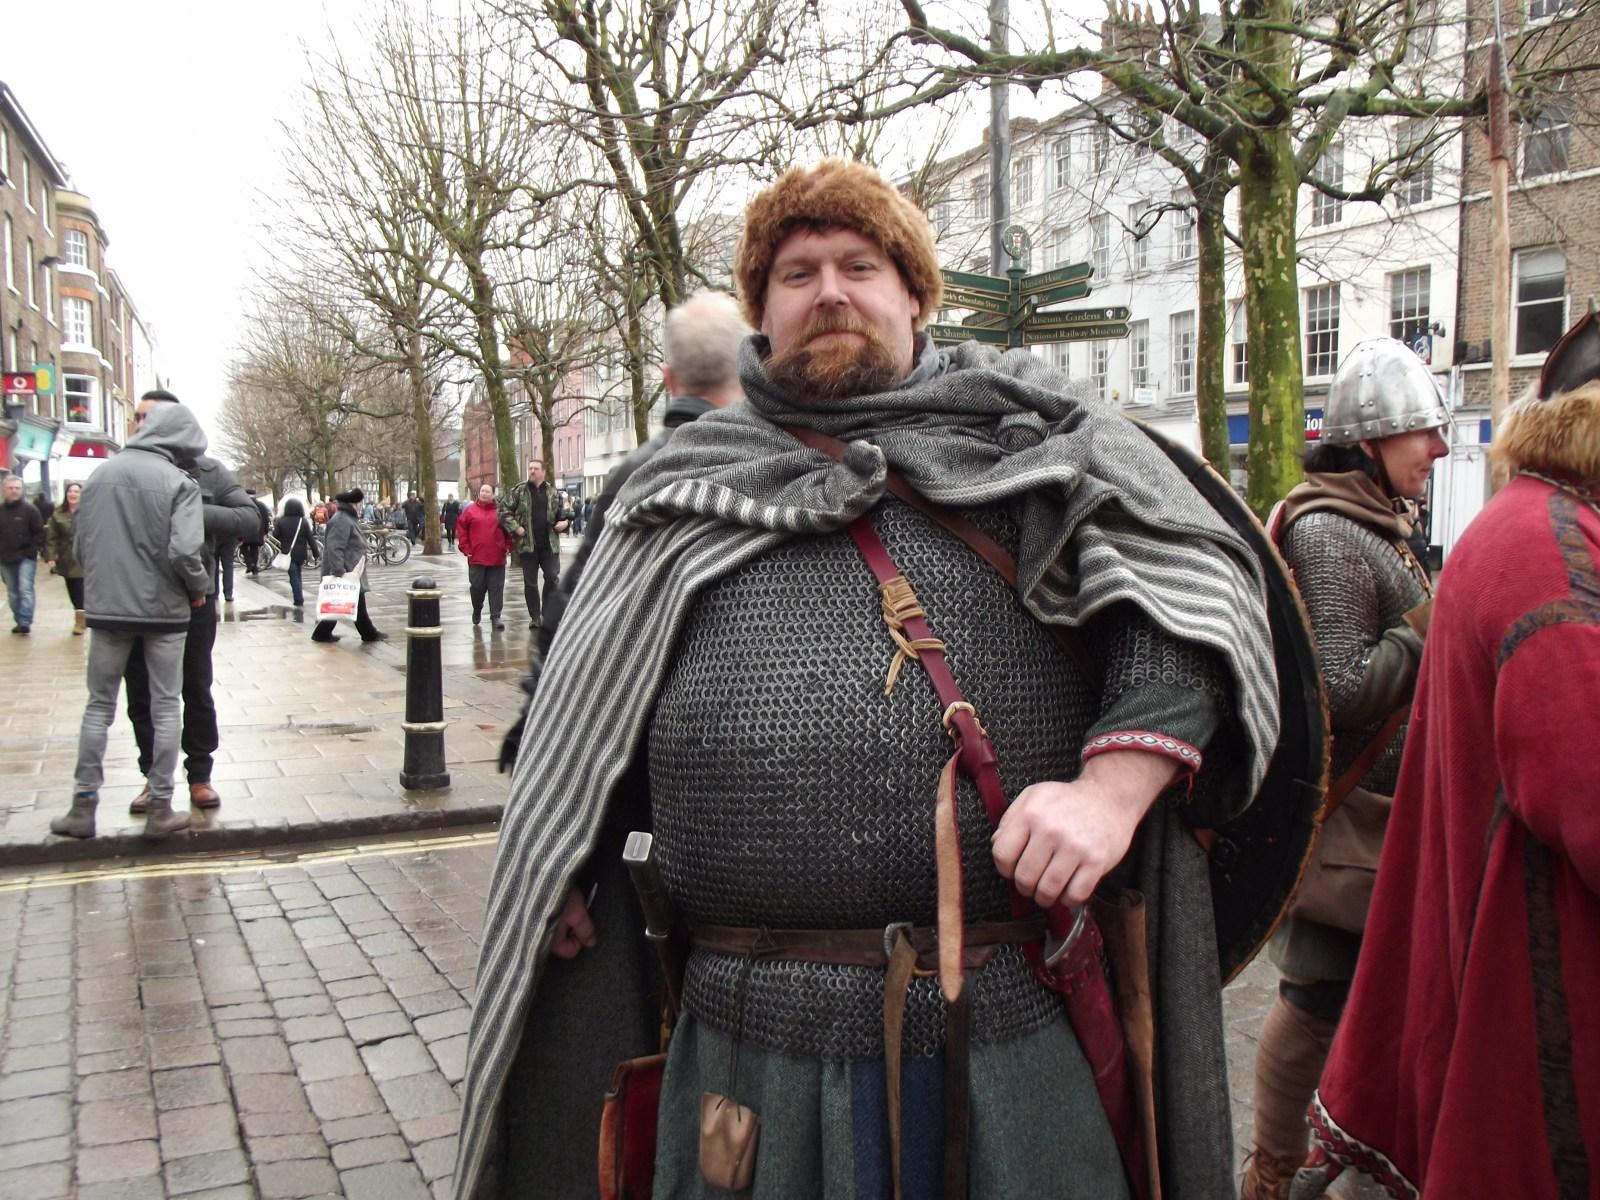 York_Viking_festival_2018_096.JPG